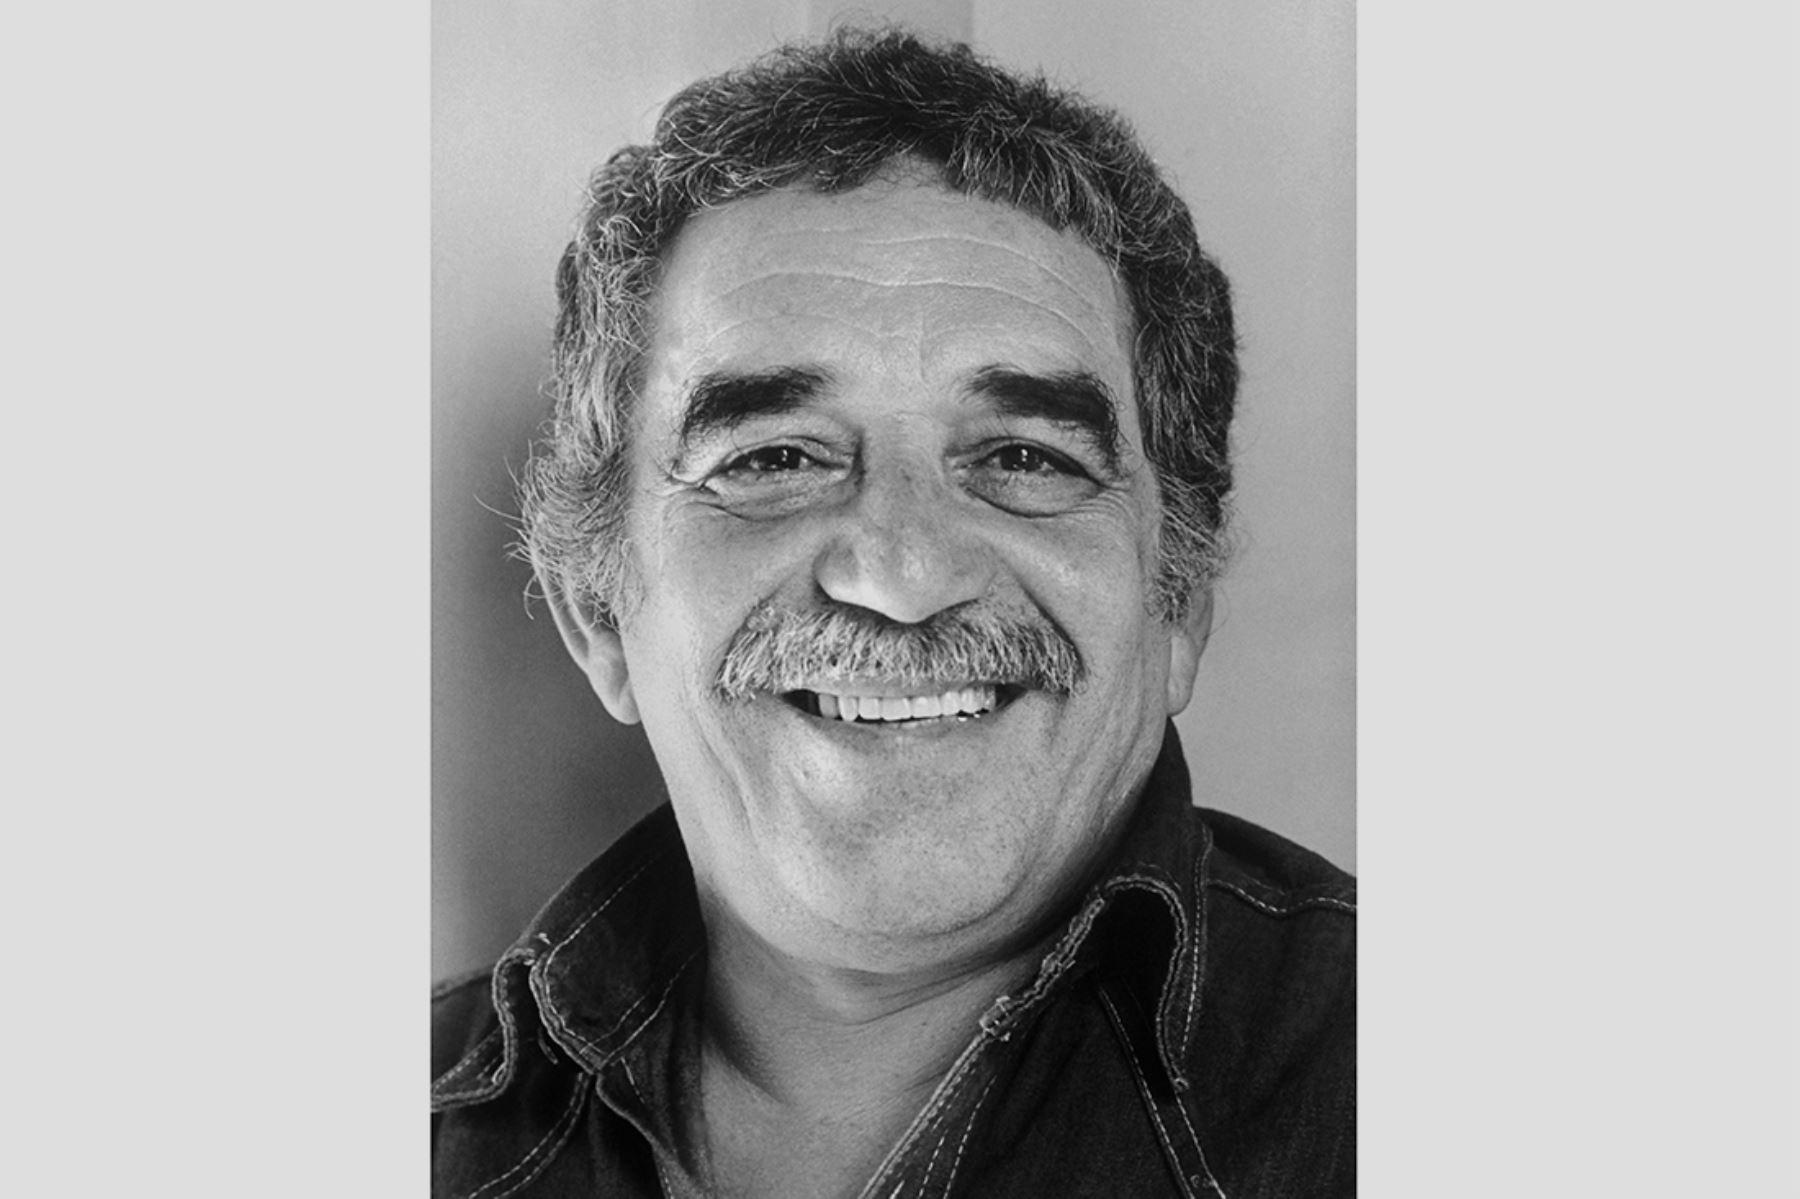 El escritor colombiano Gabriel García Márquez, premio Nobel de Literatura, retratado en octubre de 1982 en Estocolmo.  Foto: AFP